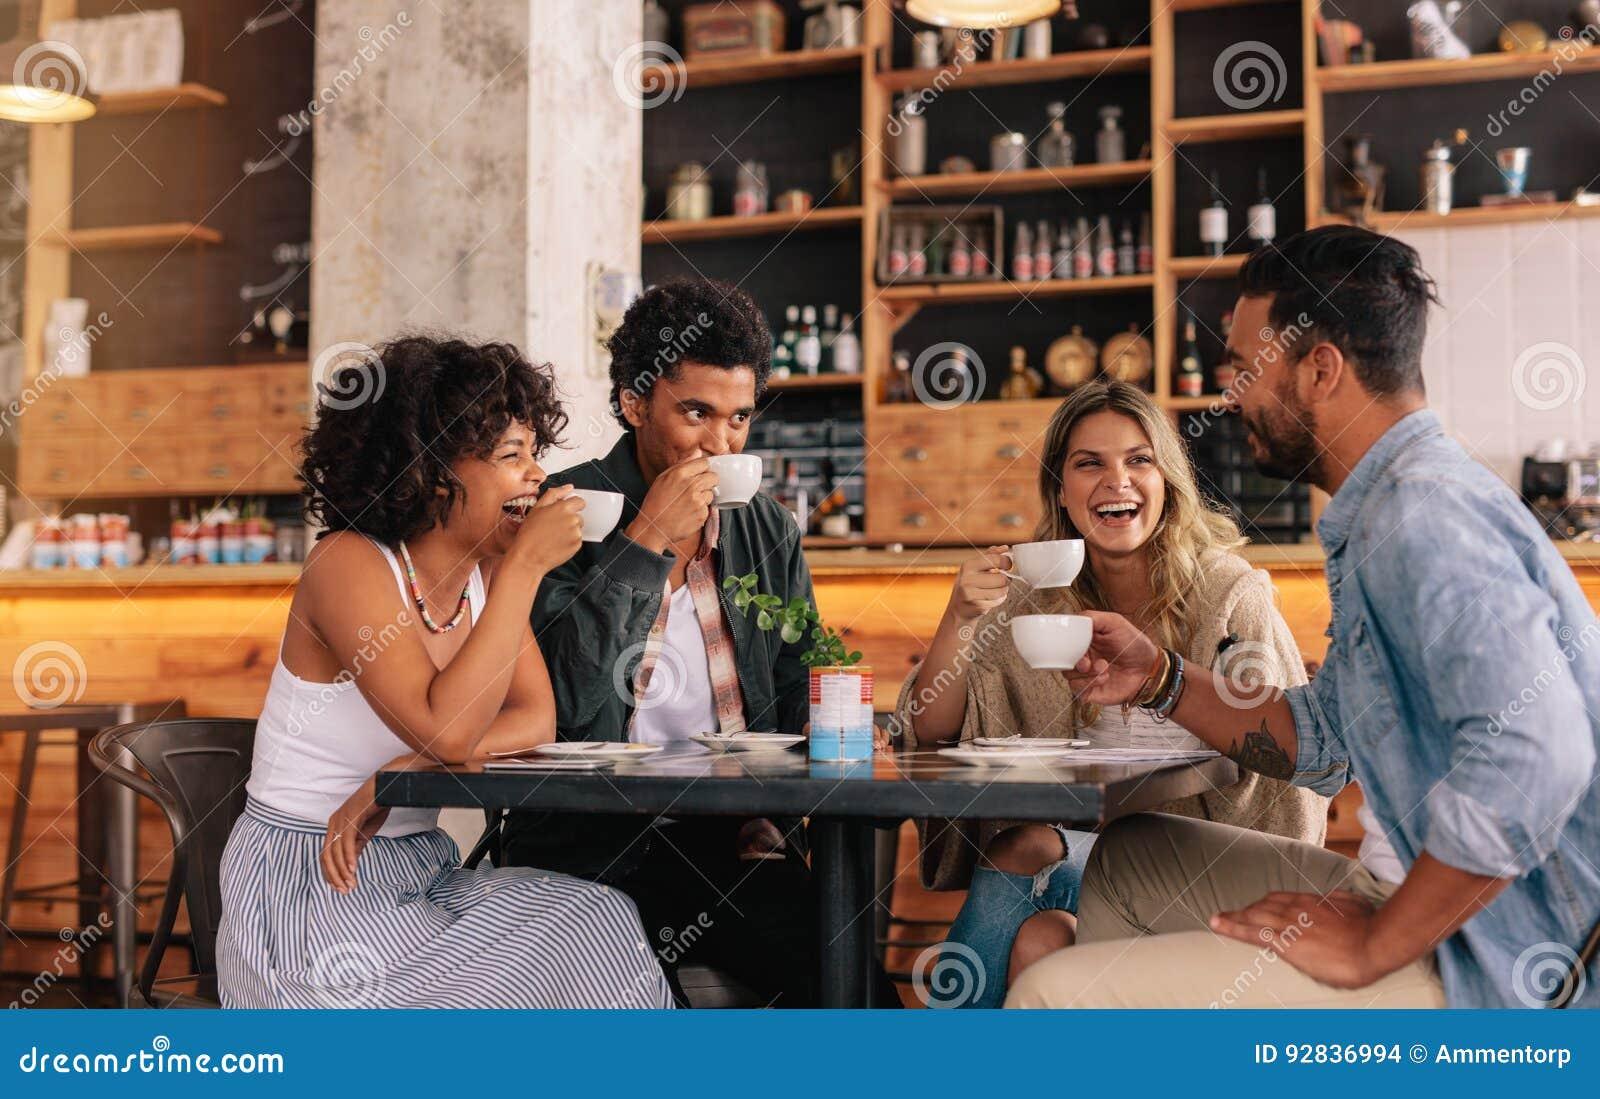 一起享用咖啡的不同的小组朋友